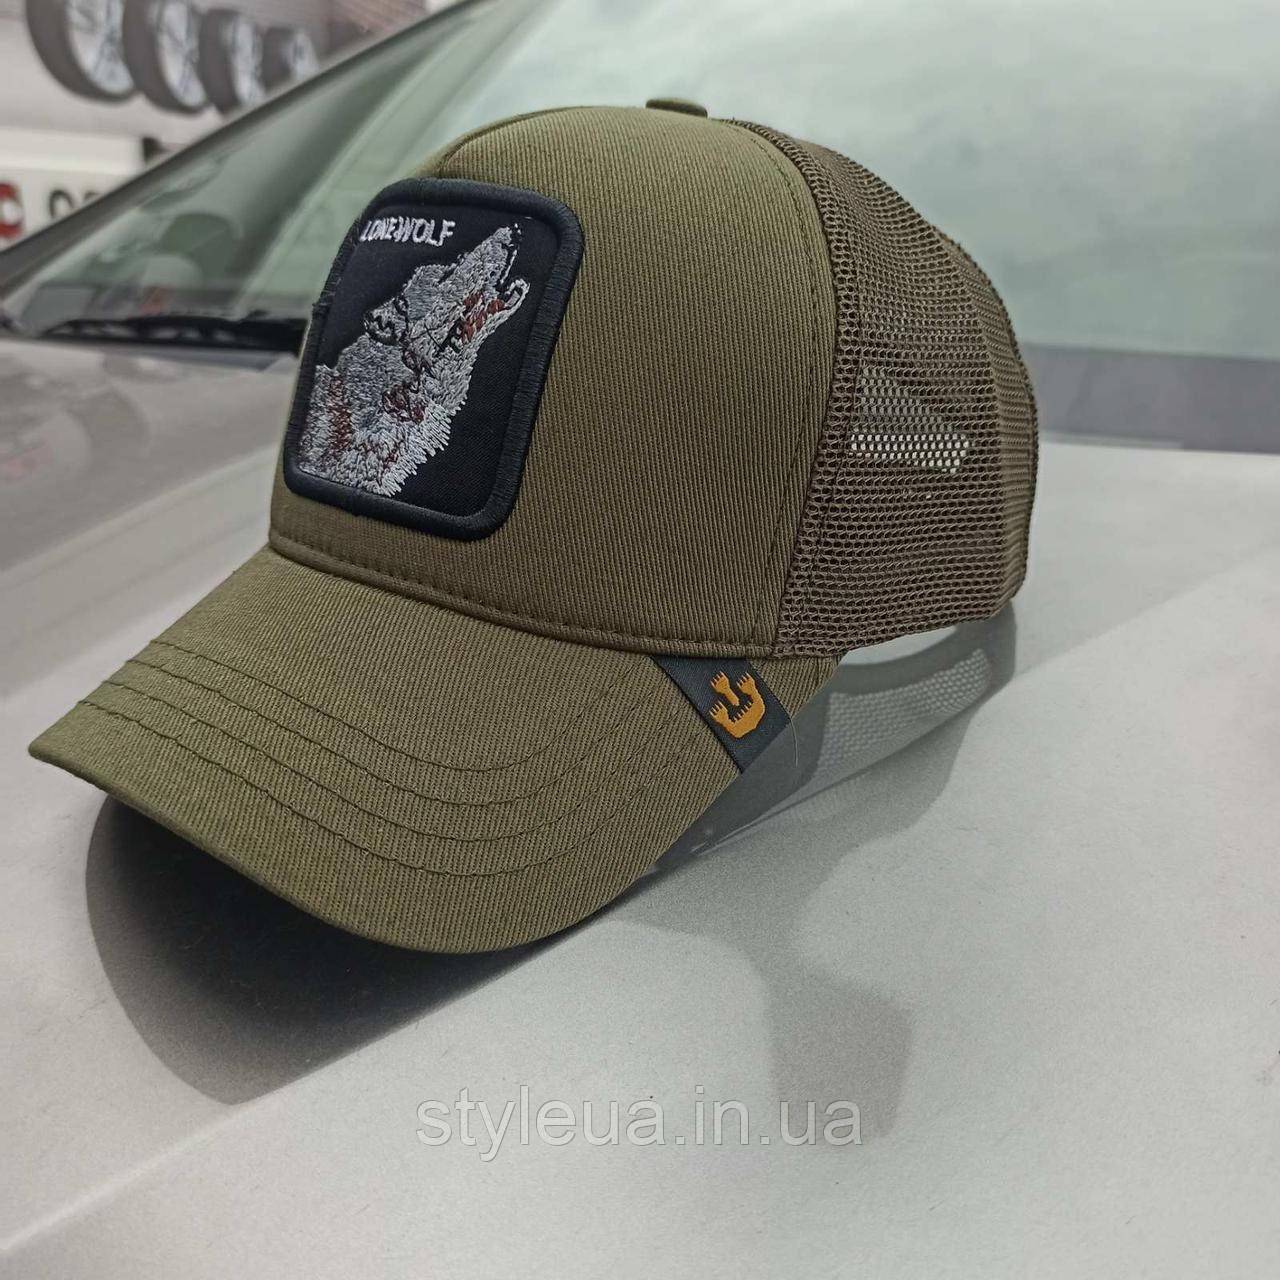 Бейсболка кепка мужская летняя спортивная удобная с сеткой LONE WOLF оливкового цвета